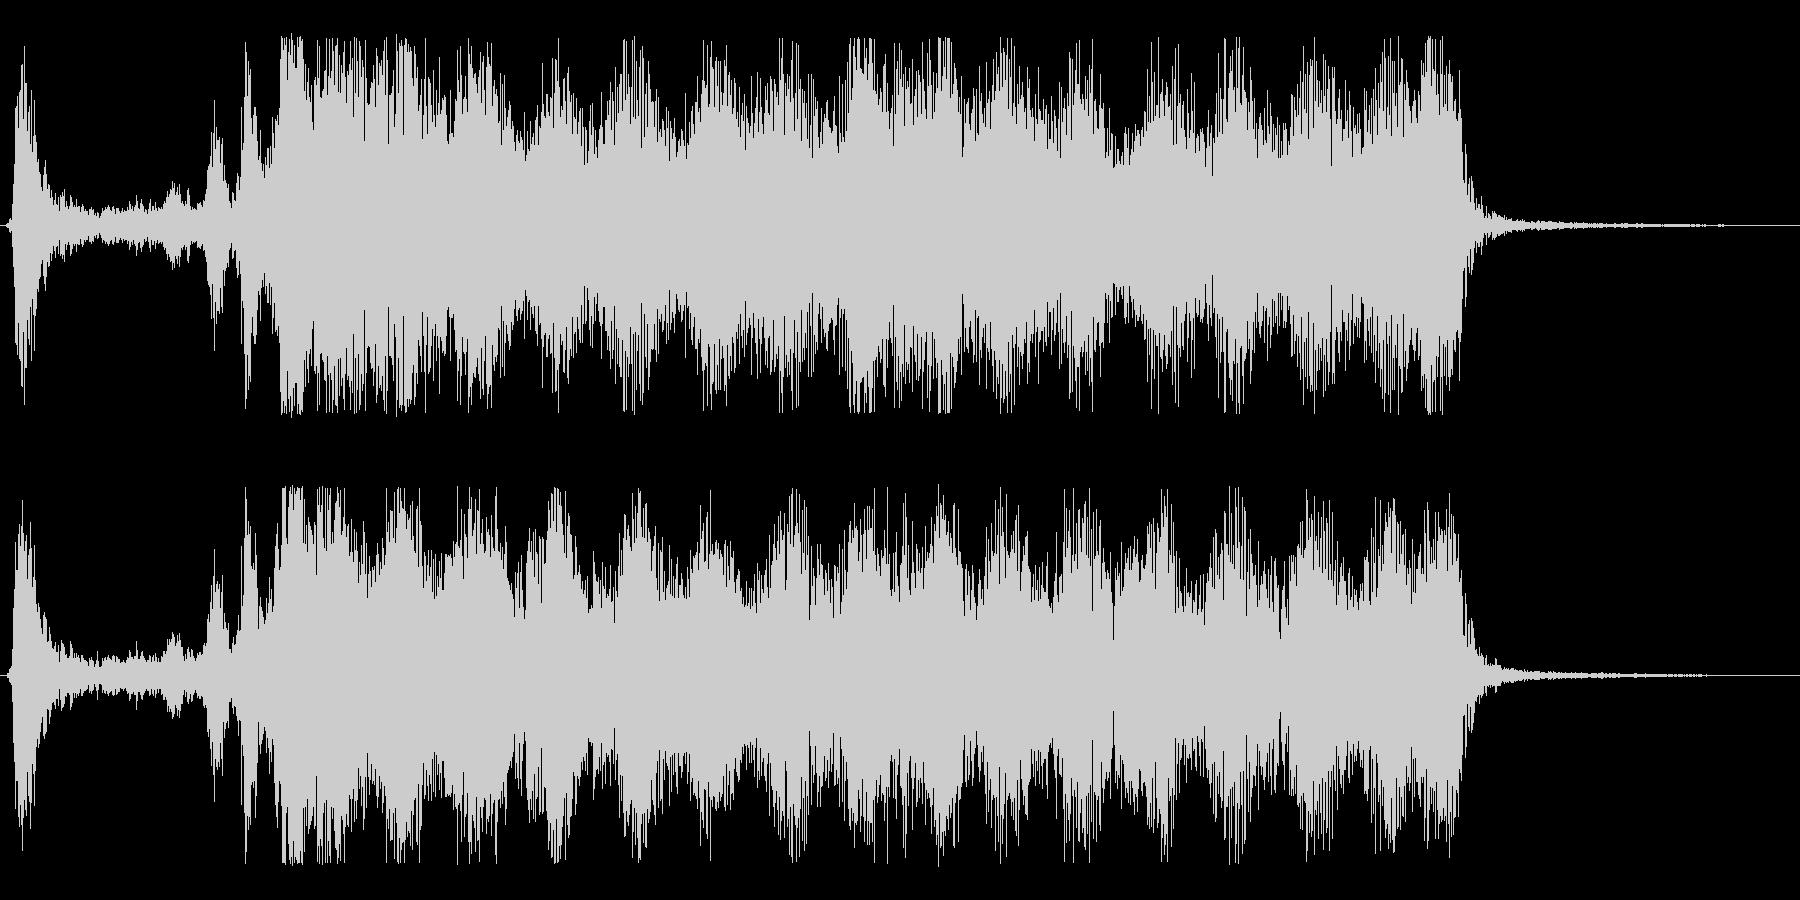 スペル 人生の抽出01の未再生の波形